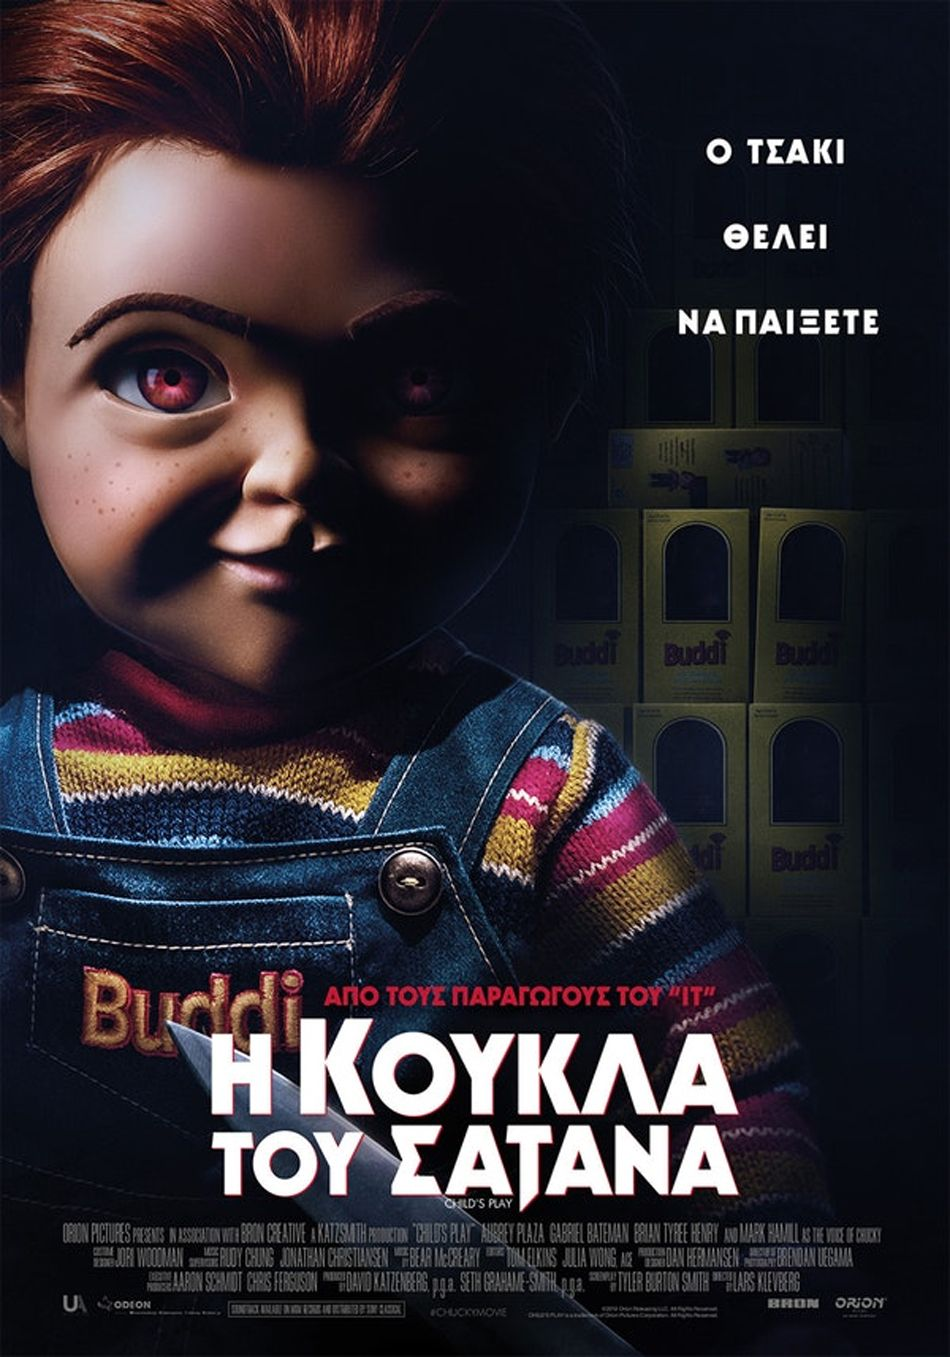 Η Κούκλα του Σατανά (Child's Play) Poster Πόστερ